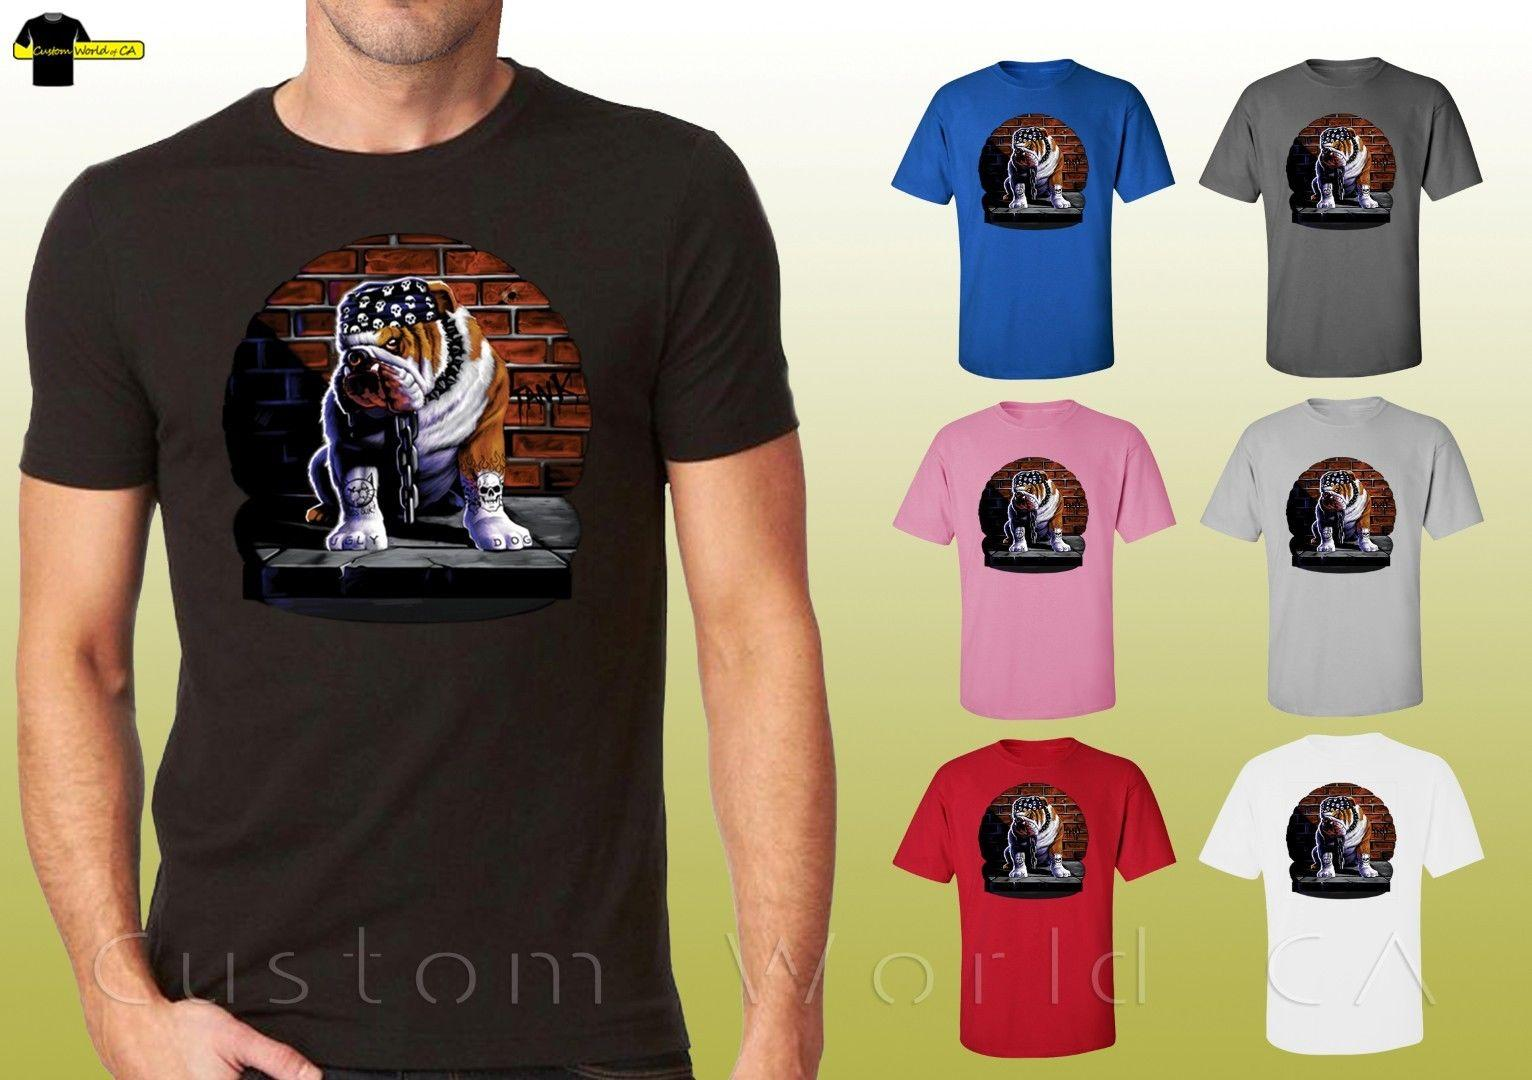 Tuff Dog Camisa Gráfica Tough Bulldog Inglês Projeto Unisex T-Shirt  (10535d2) Dos Desenhos Animados t shirt homens Unisex Novo